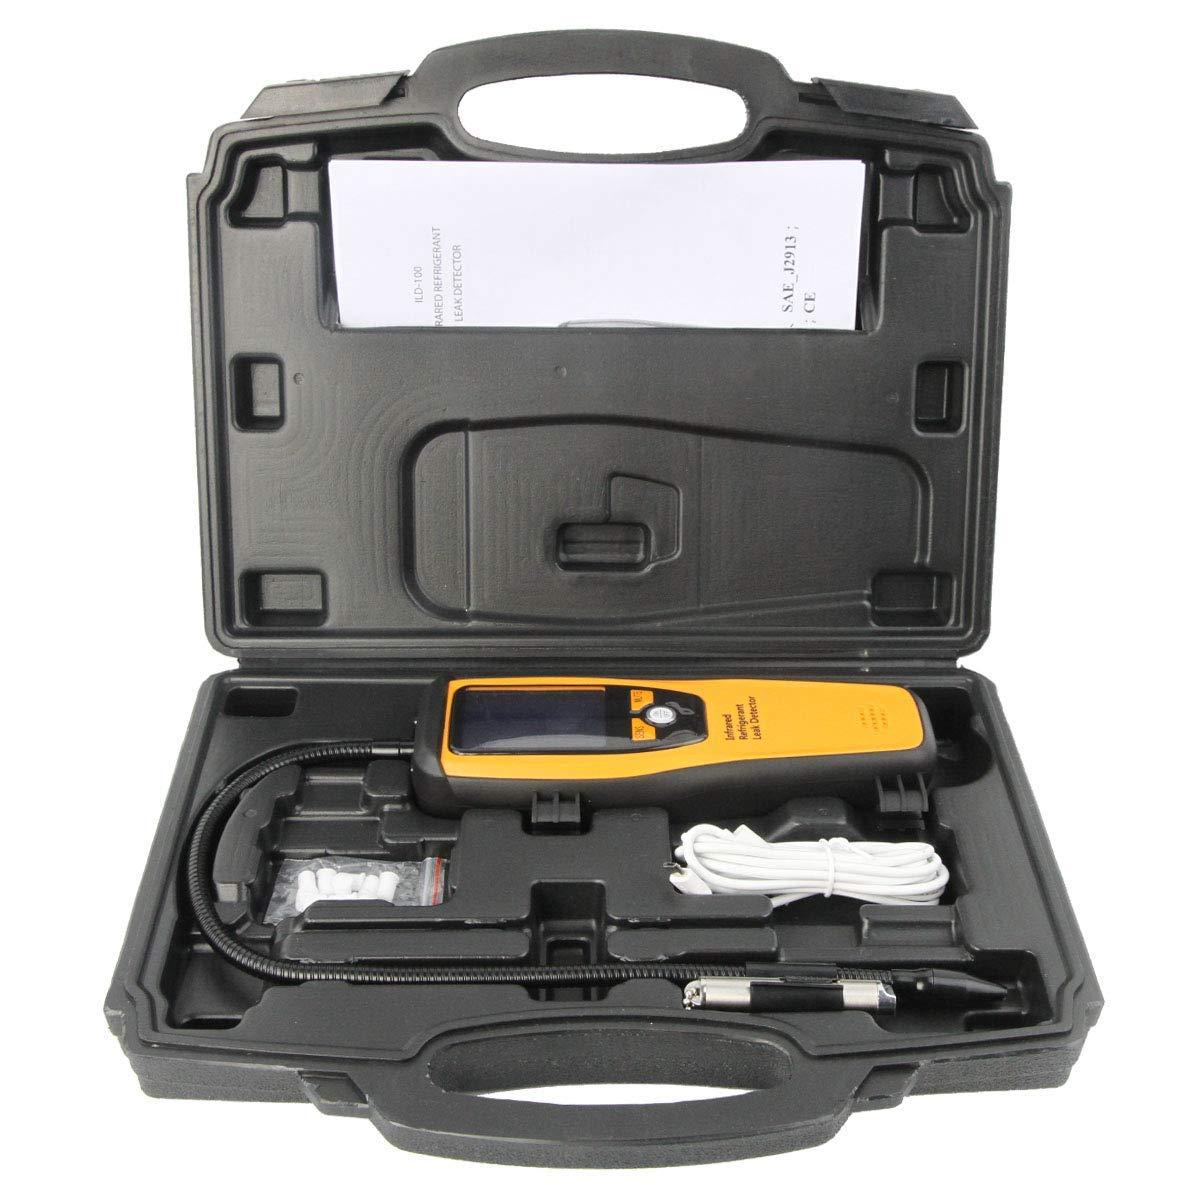 Elitech ILD-100 Detector de Fugas de Refrigerante Avanzado Halógeno Probador de Fugas Recargable de Infrarrojos de Alta Sensibilidad, 10 años de vida ✩3 ...